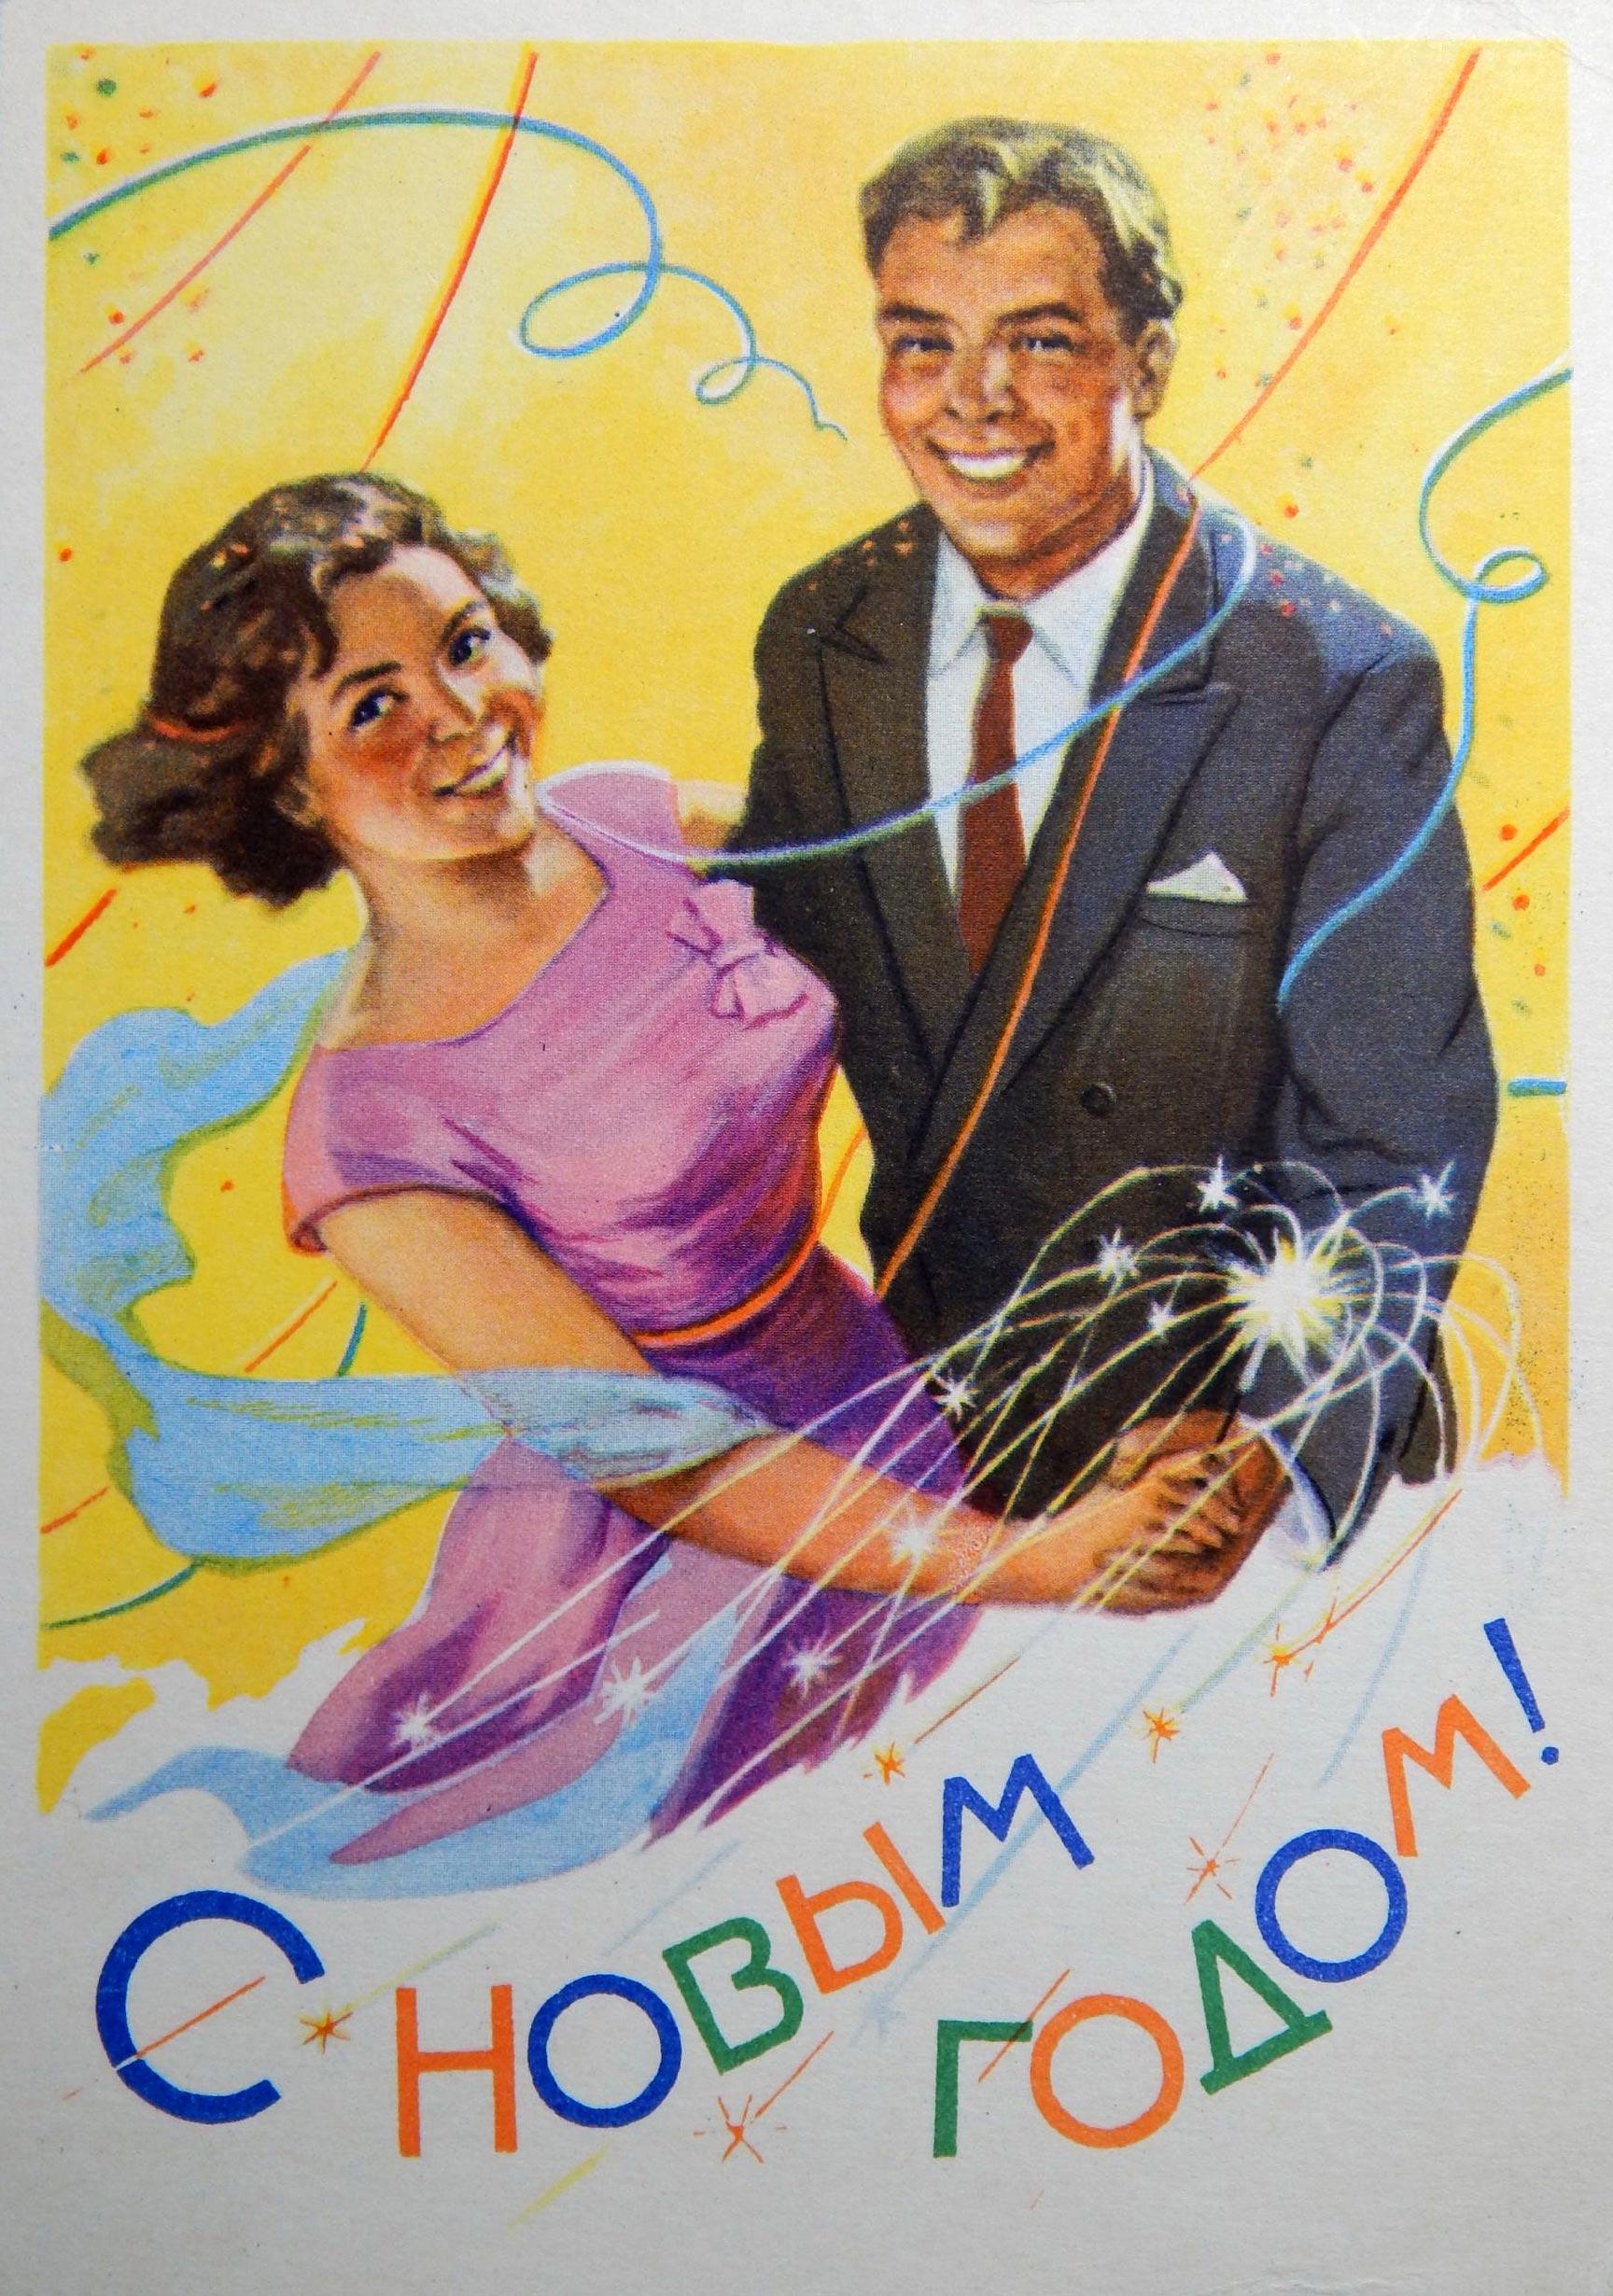 Советские открытки 50-70-х годов